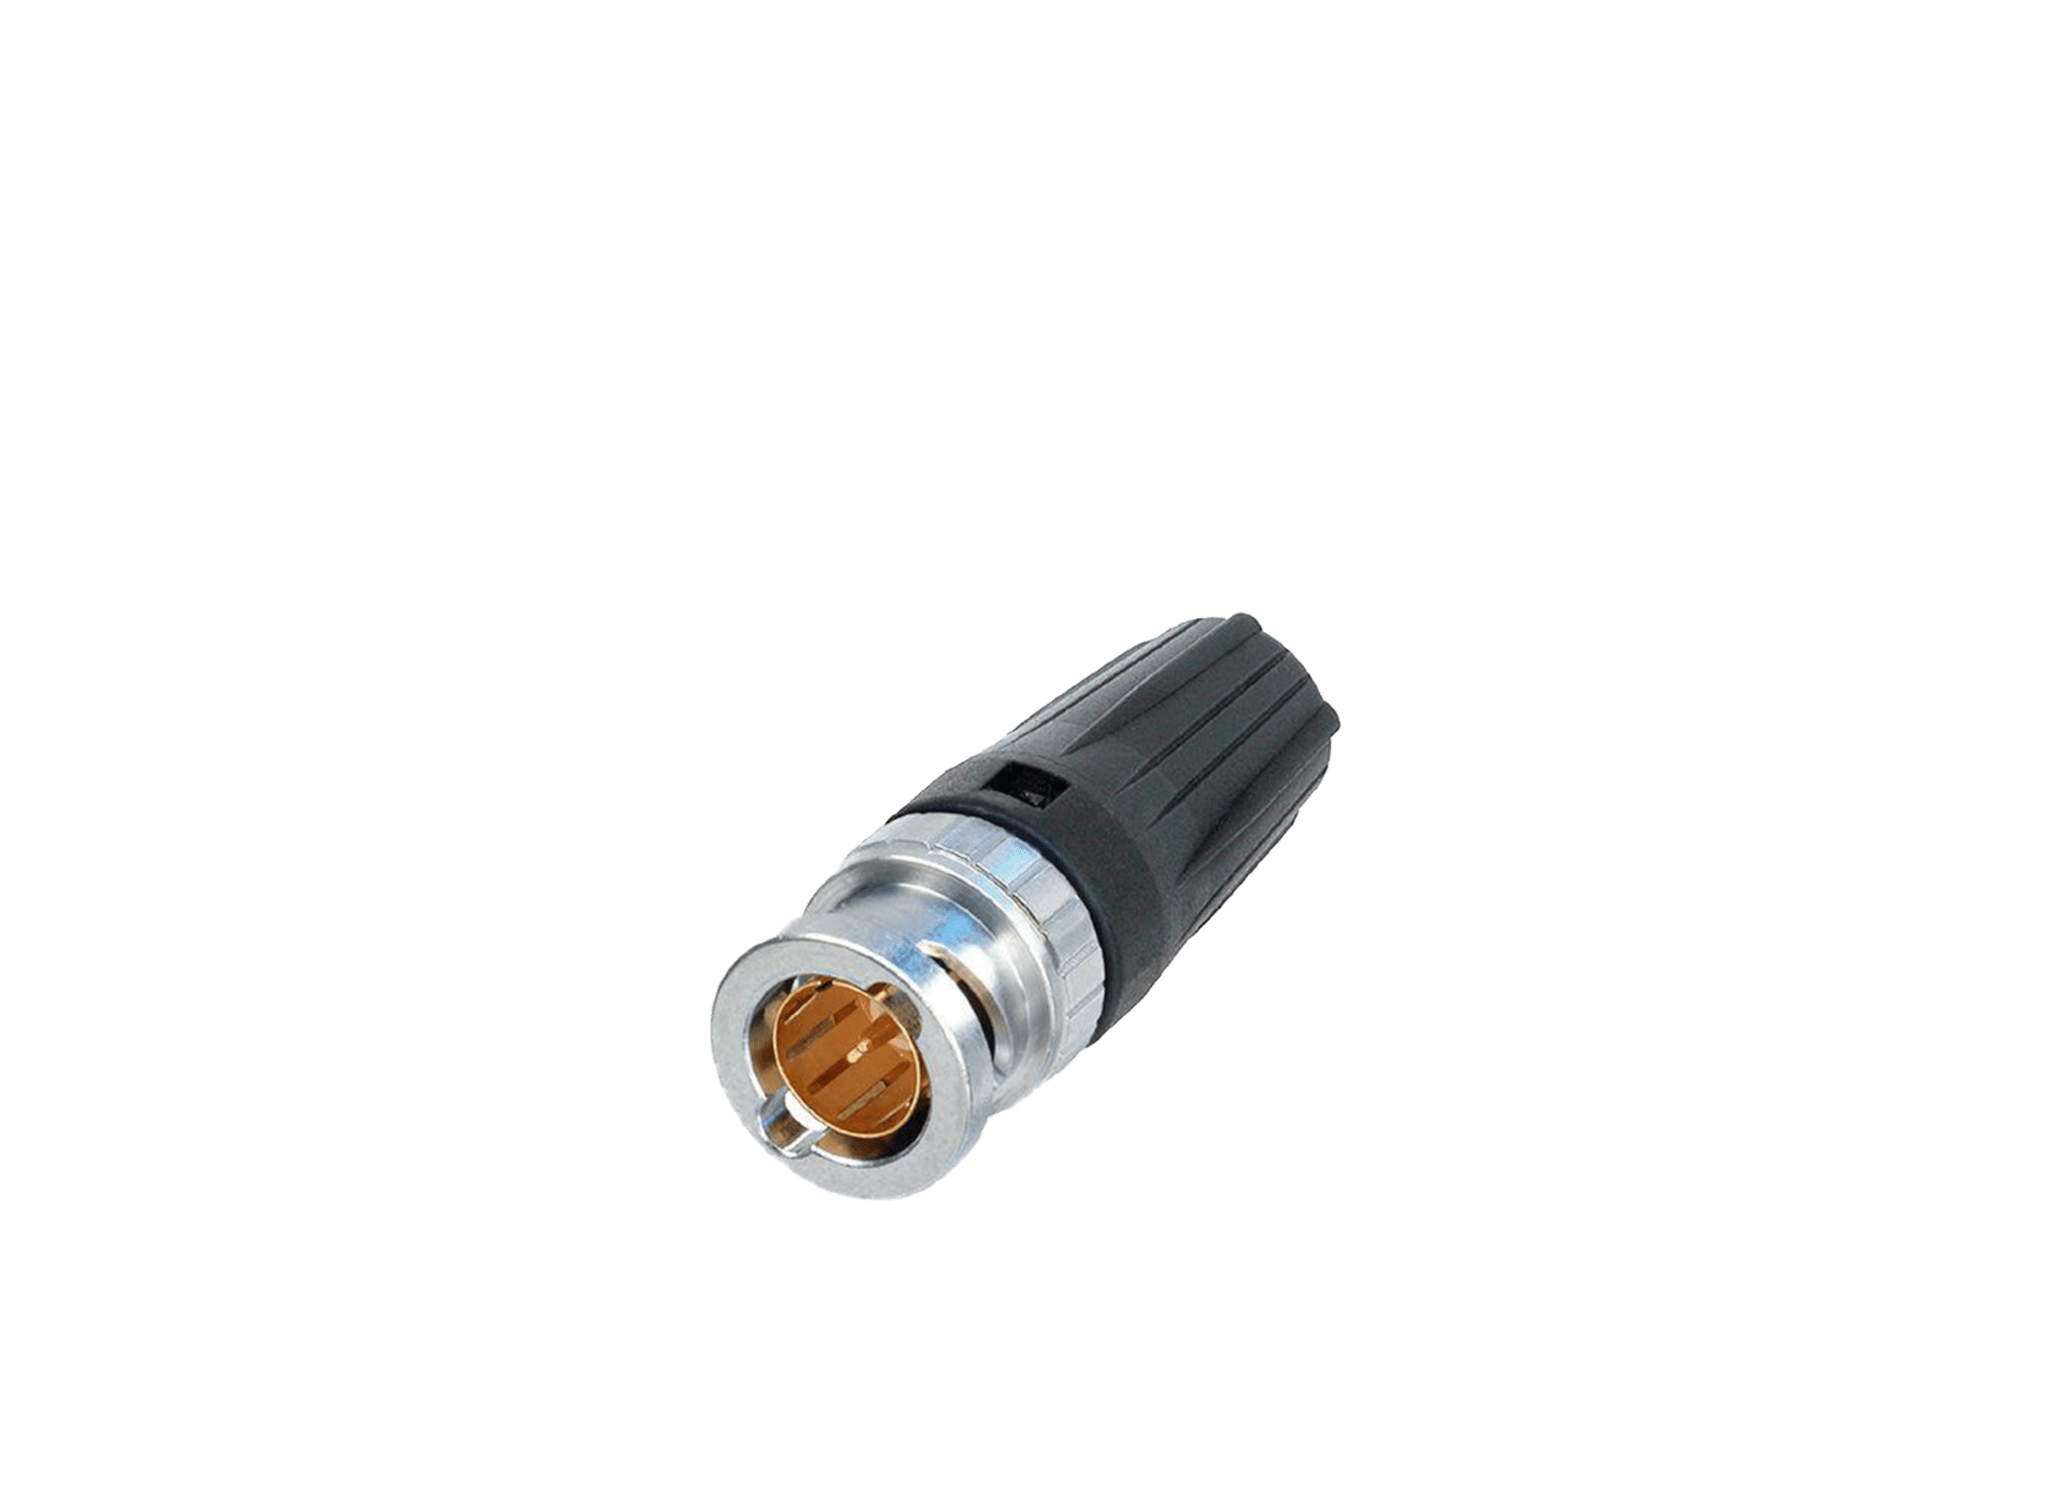 BNC cable connectors -